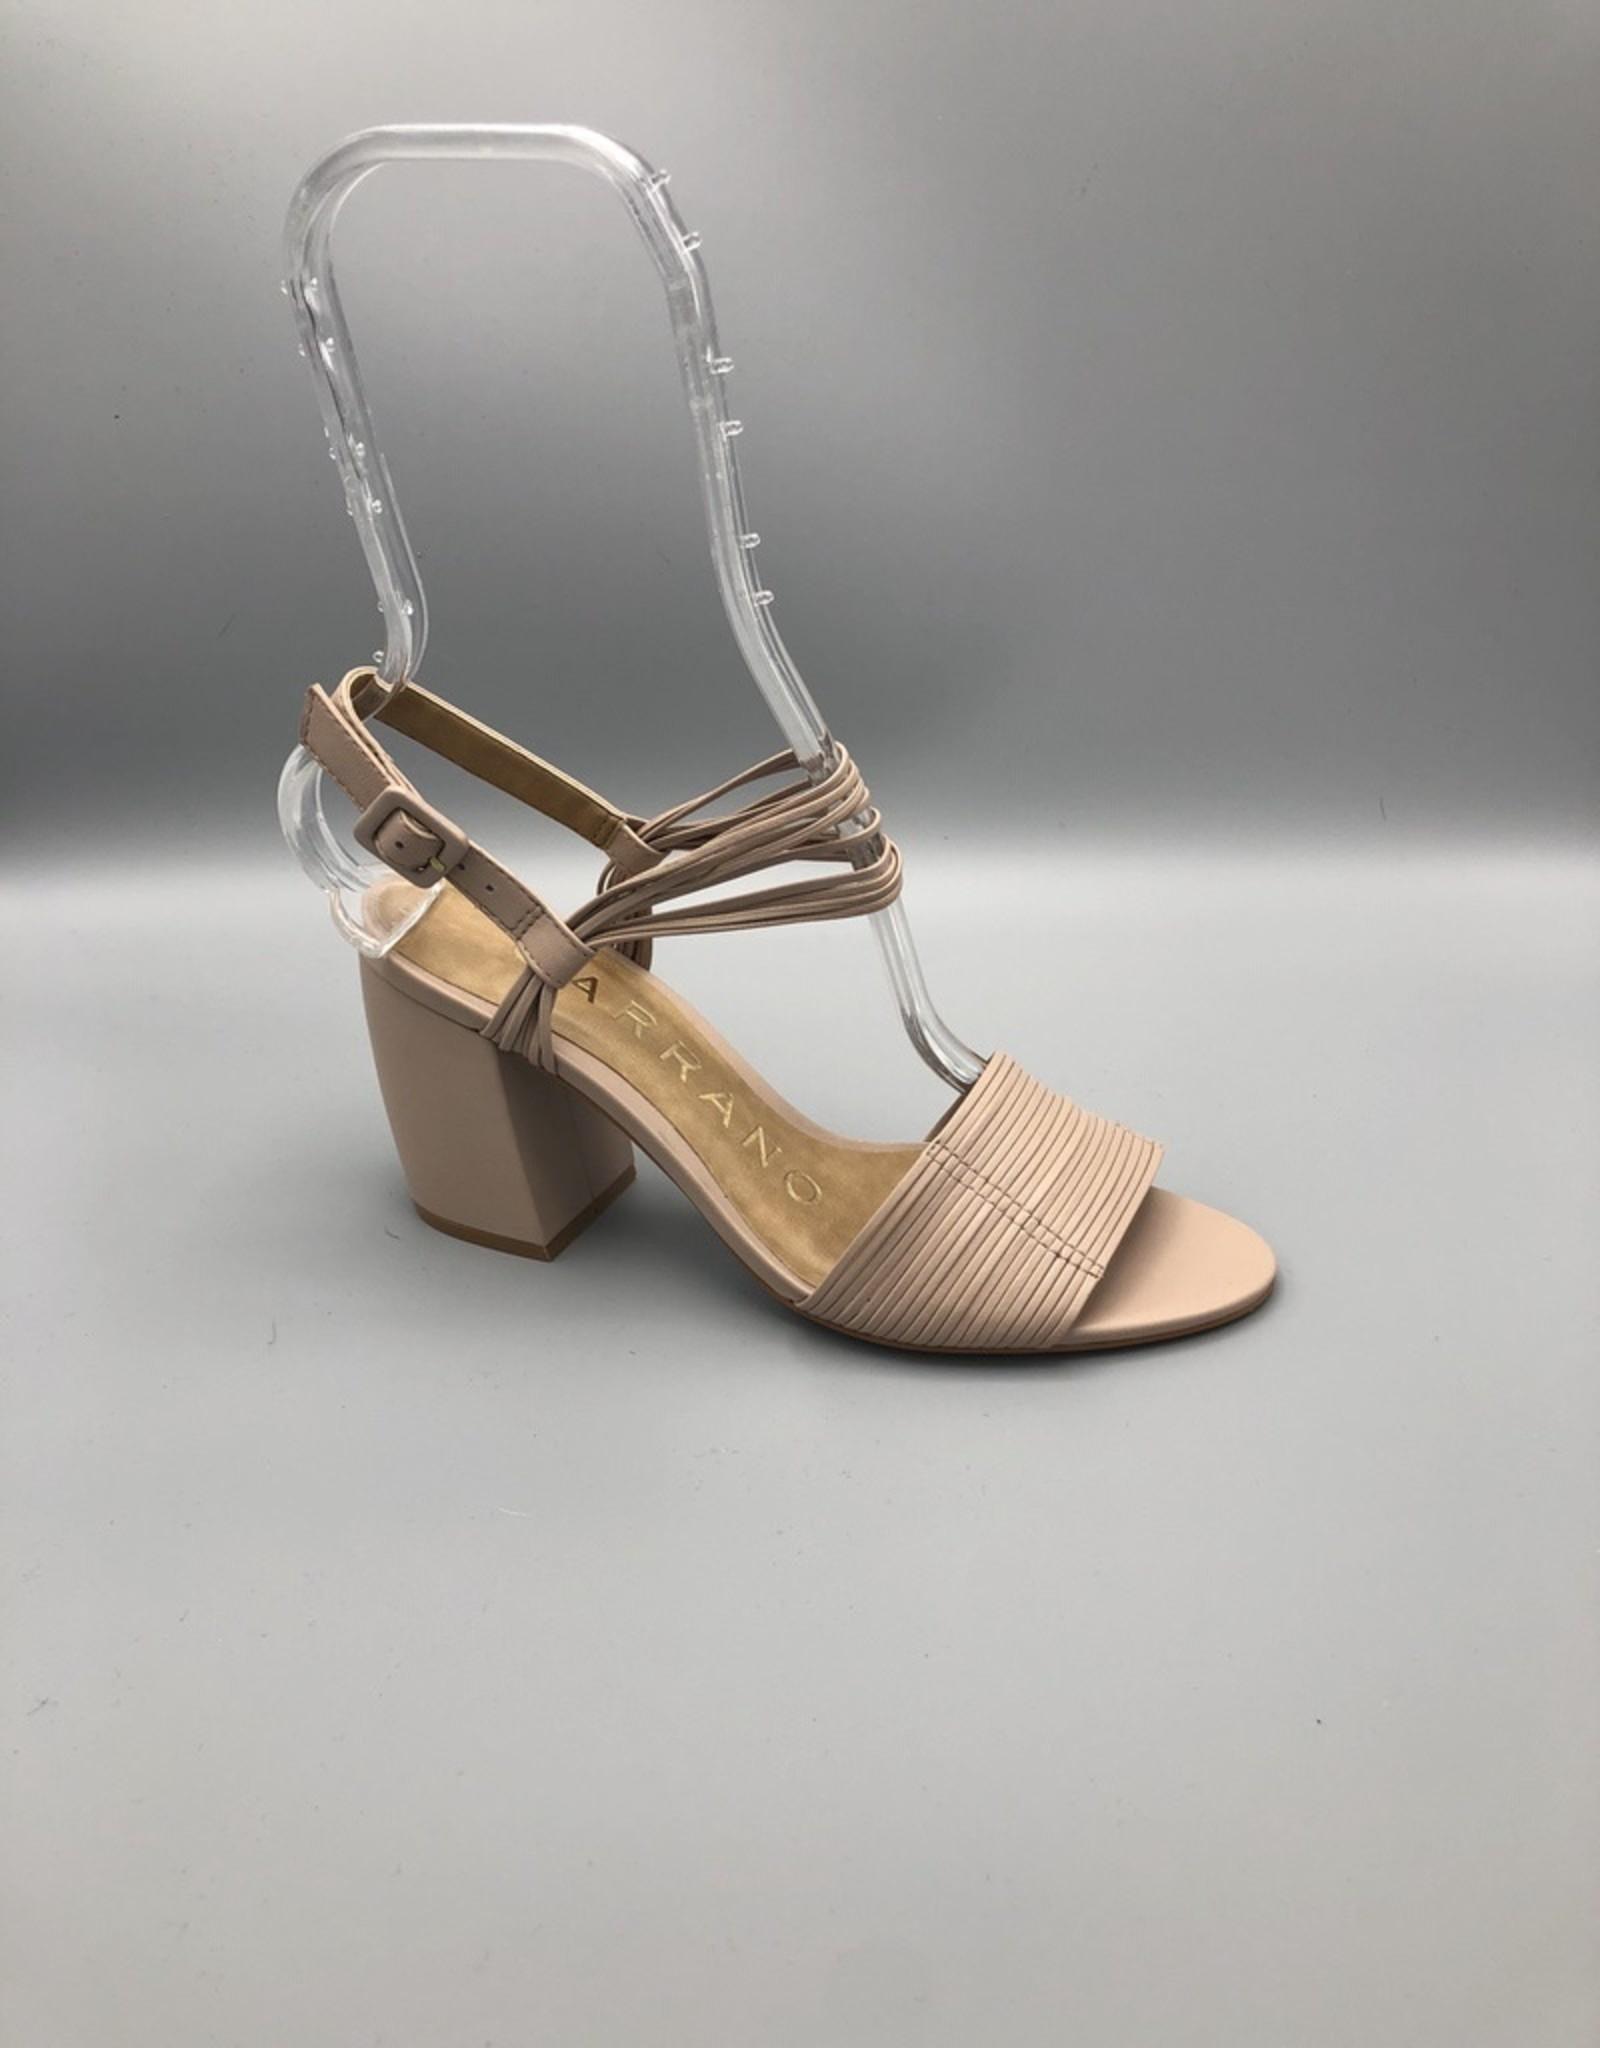 Carrano Carrano Mestico Thin Multi Ankle Strap Thick Heel